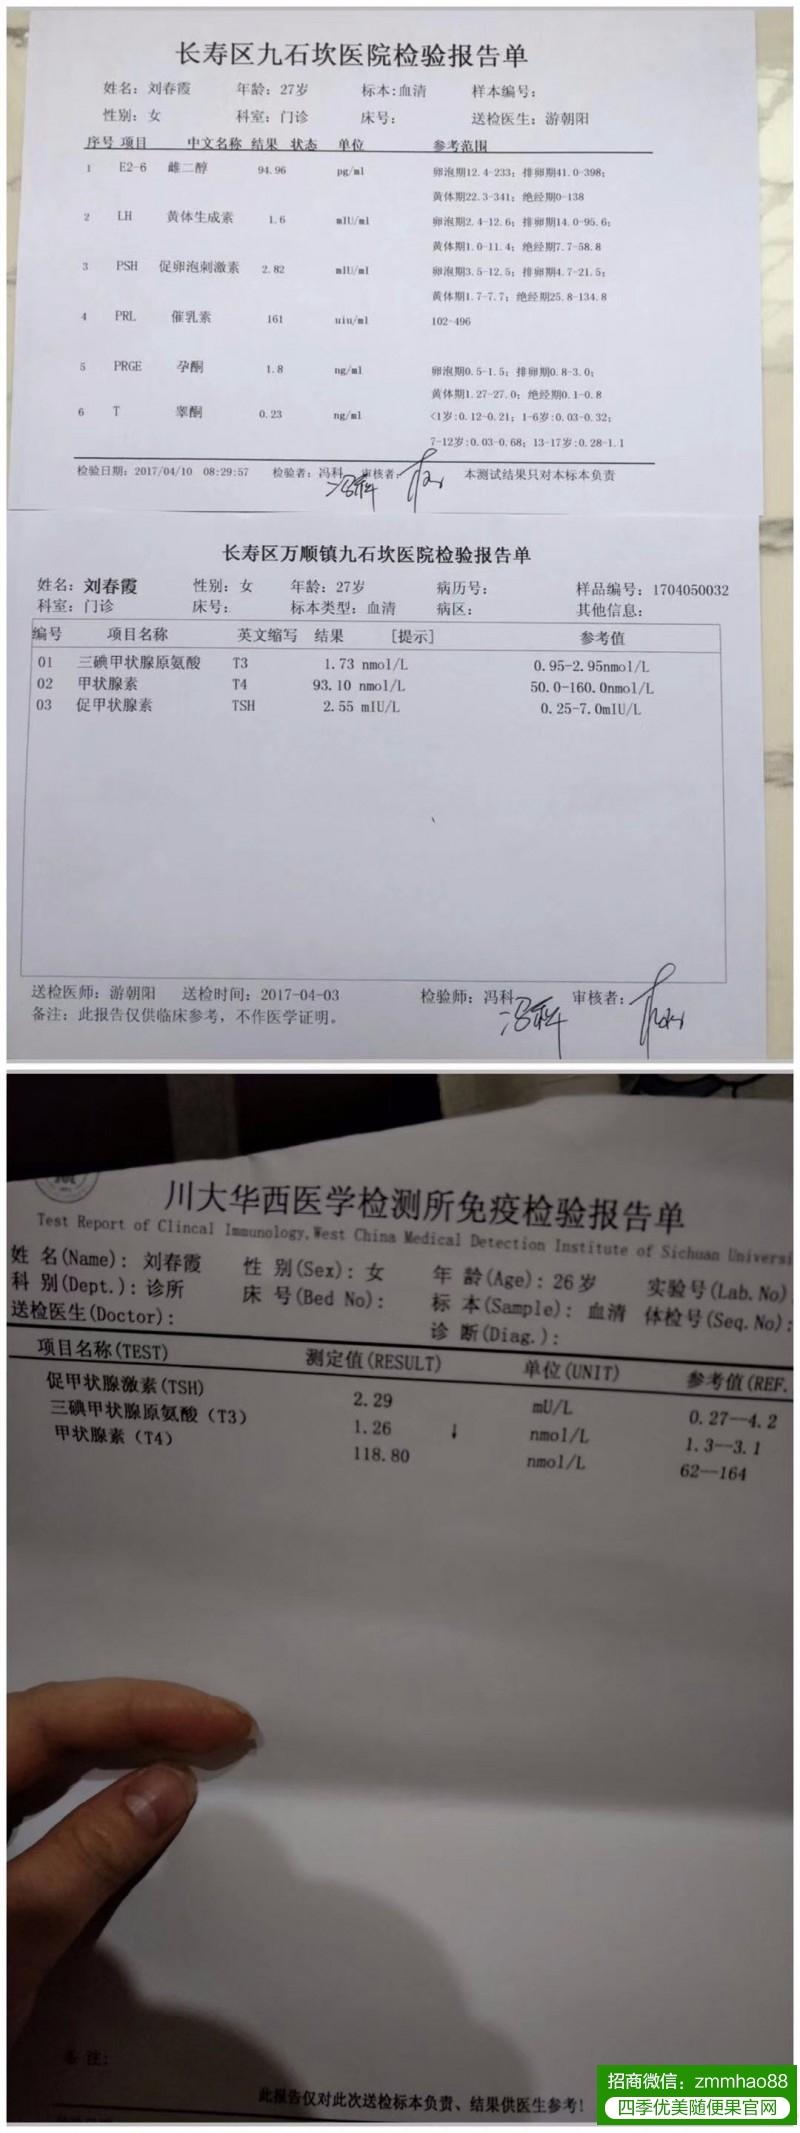 春霞医生调理多囊卵巢综合症案例,喜得贵子!